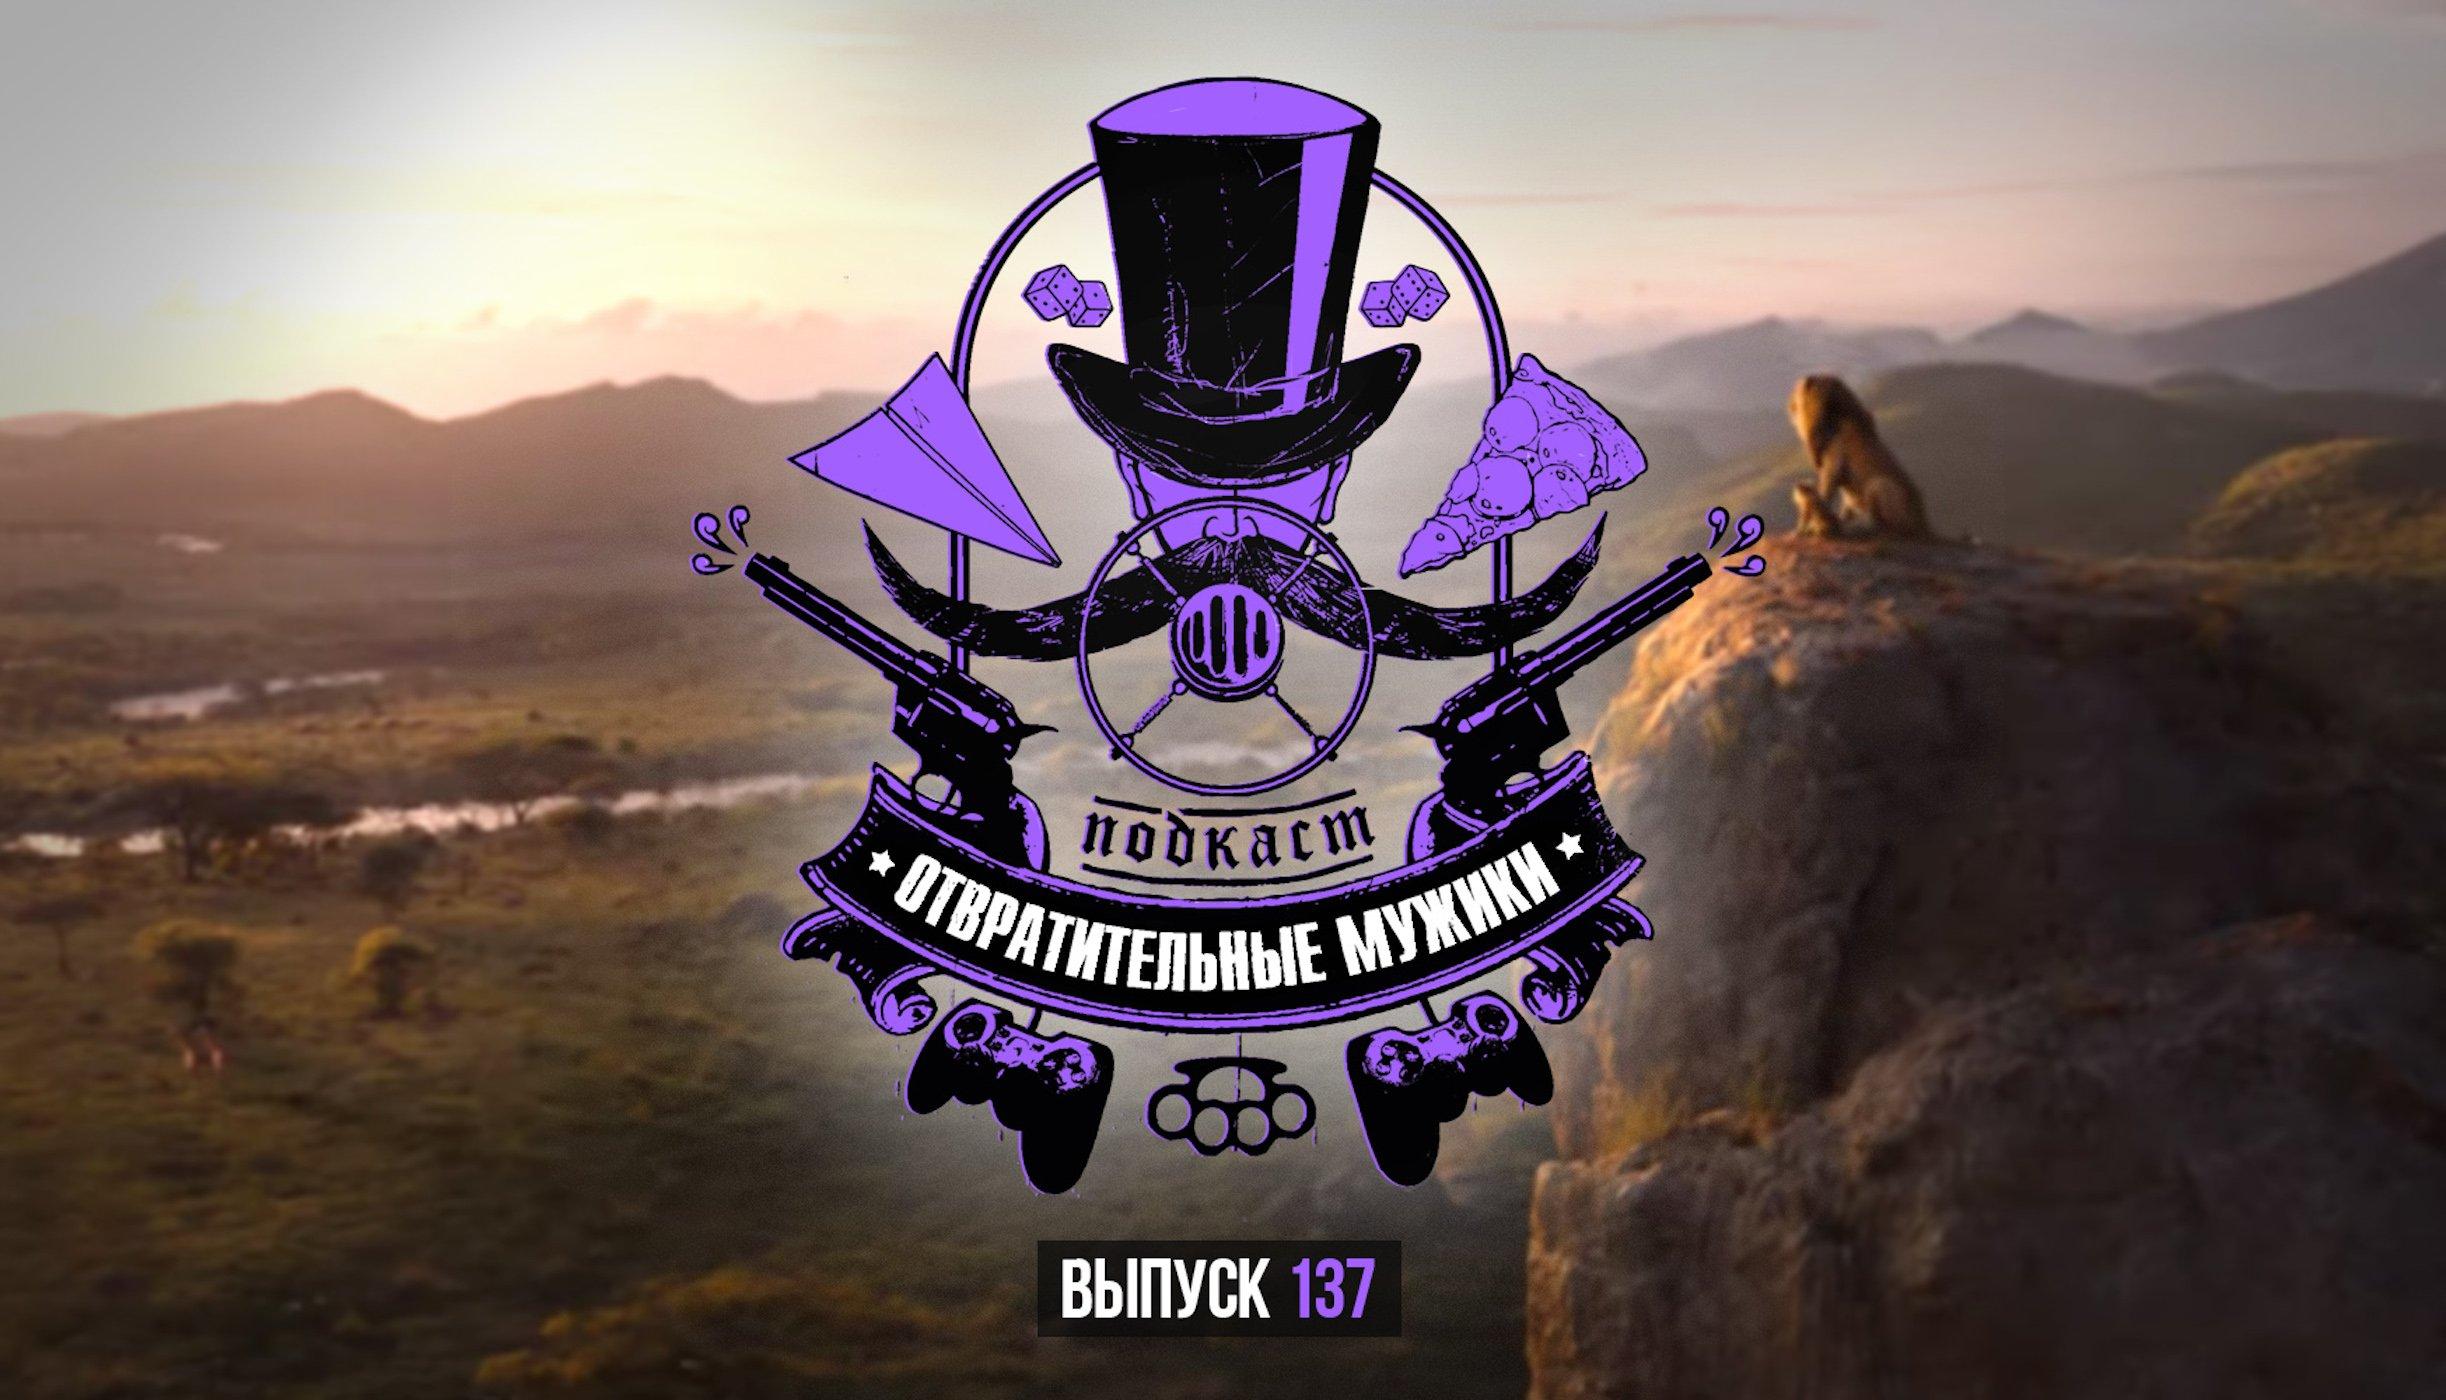 Король лев Подкаст Отвратительные мужики Выпуск 137